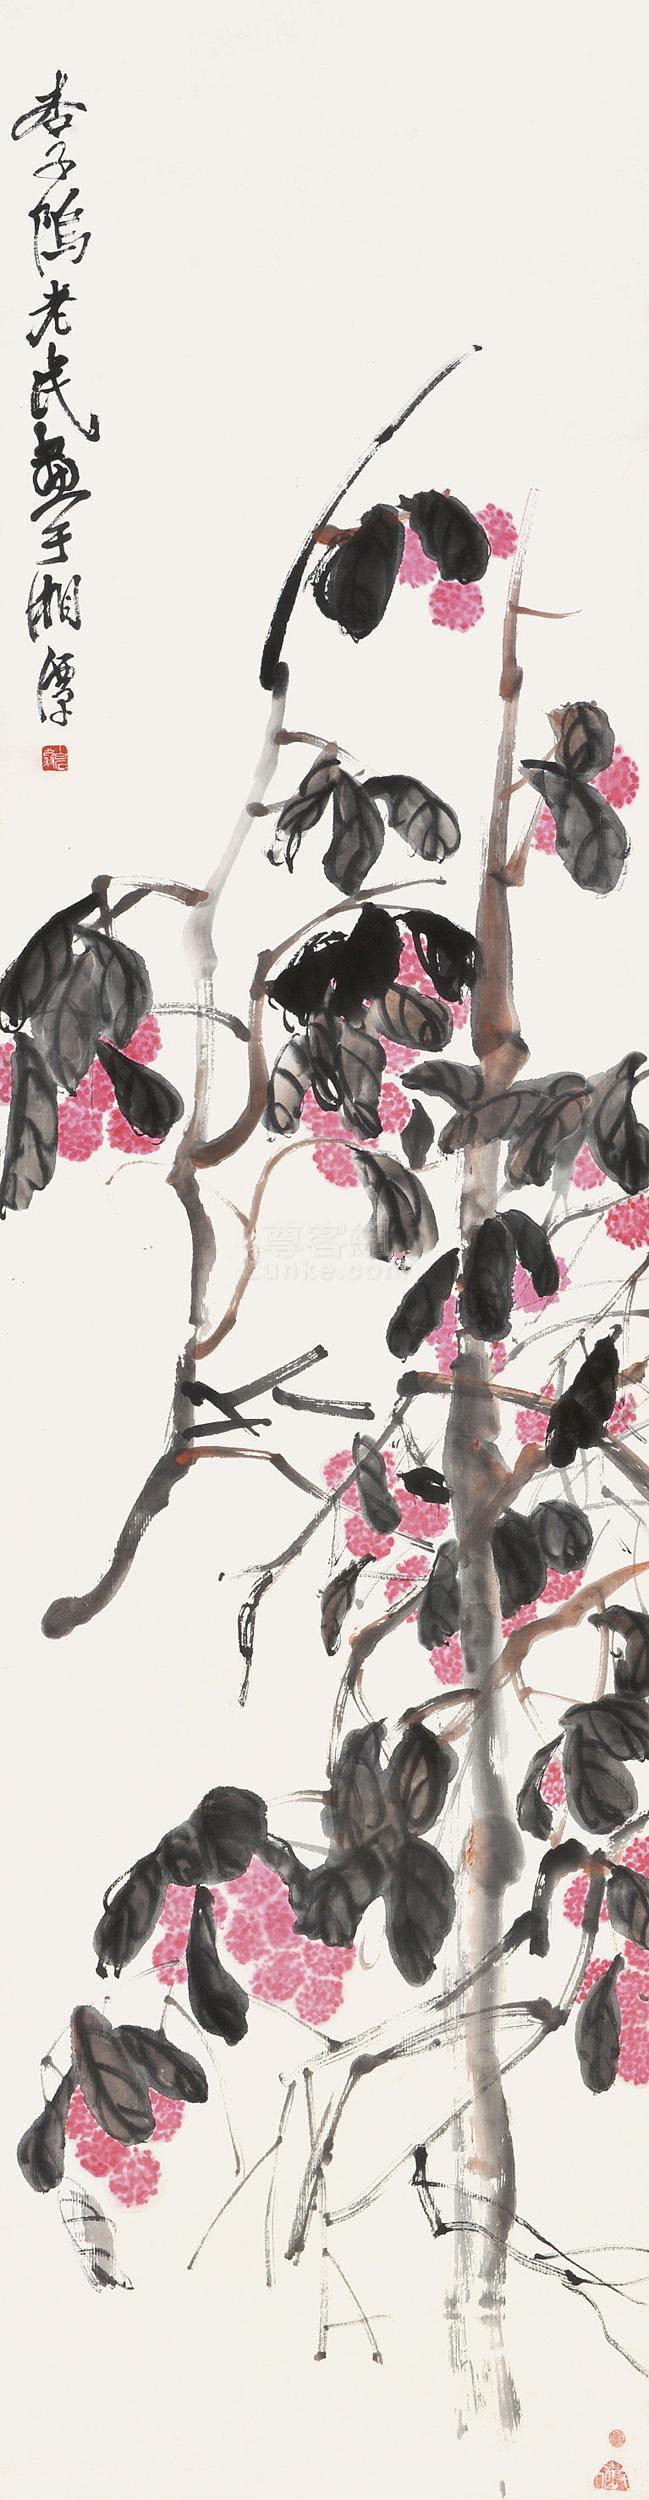 齐白石 荔枝图 立轴 设色纸本作品欣赏